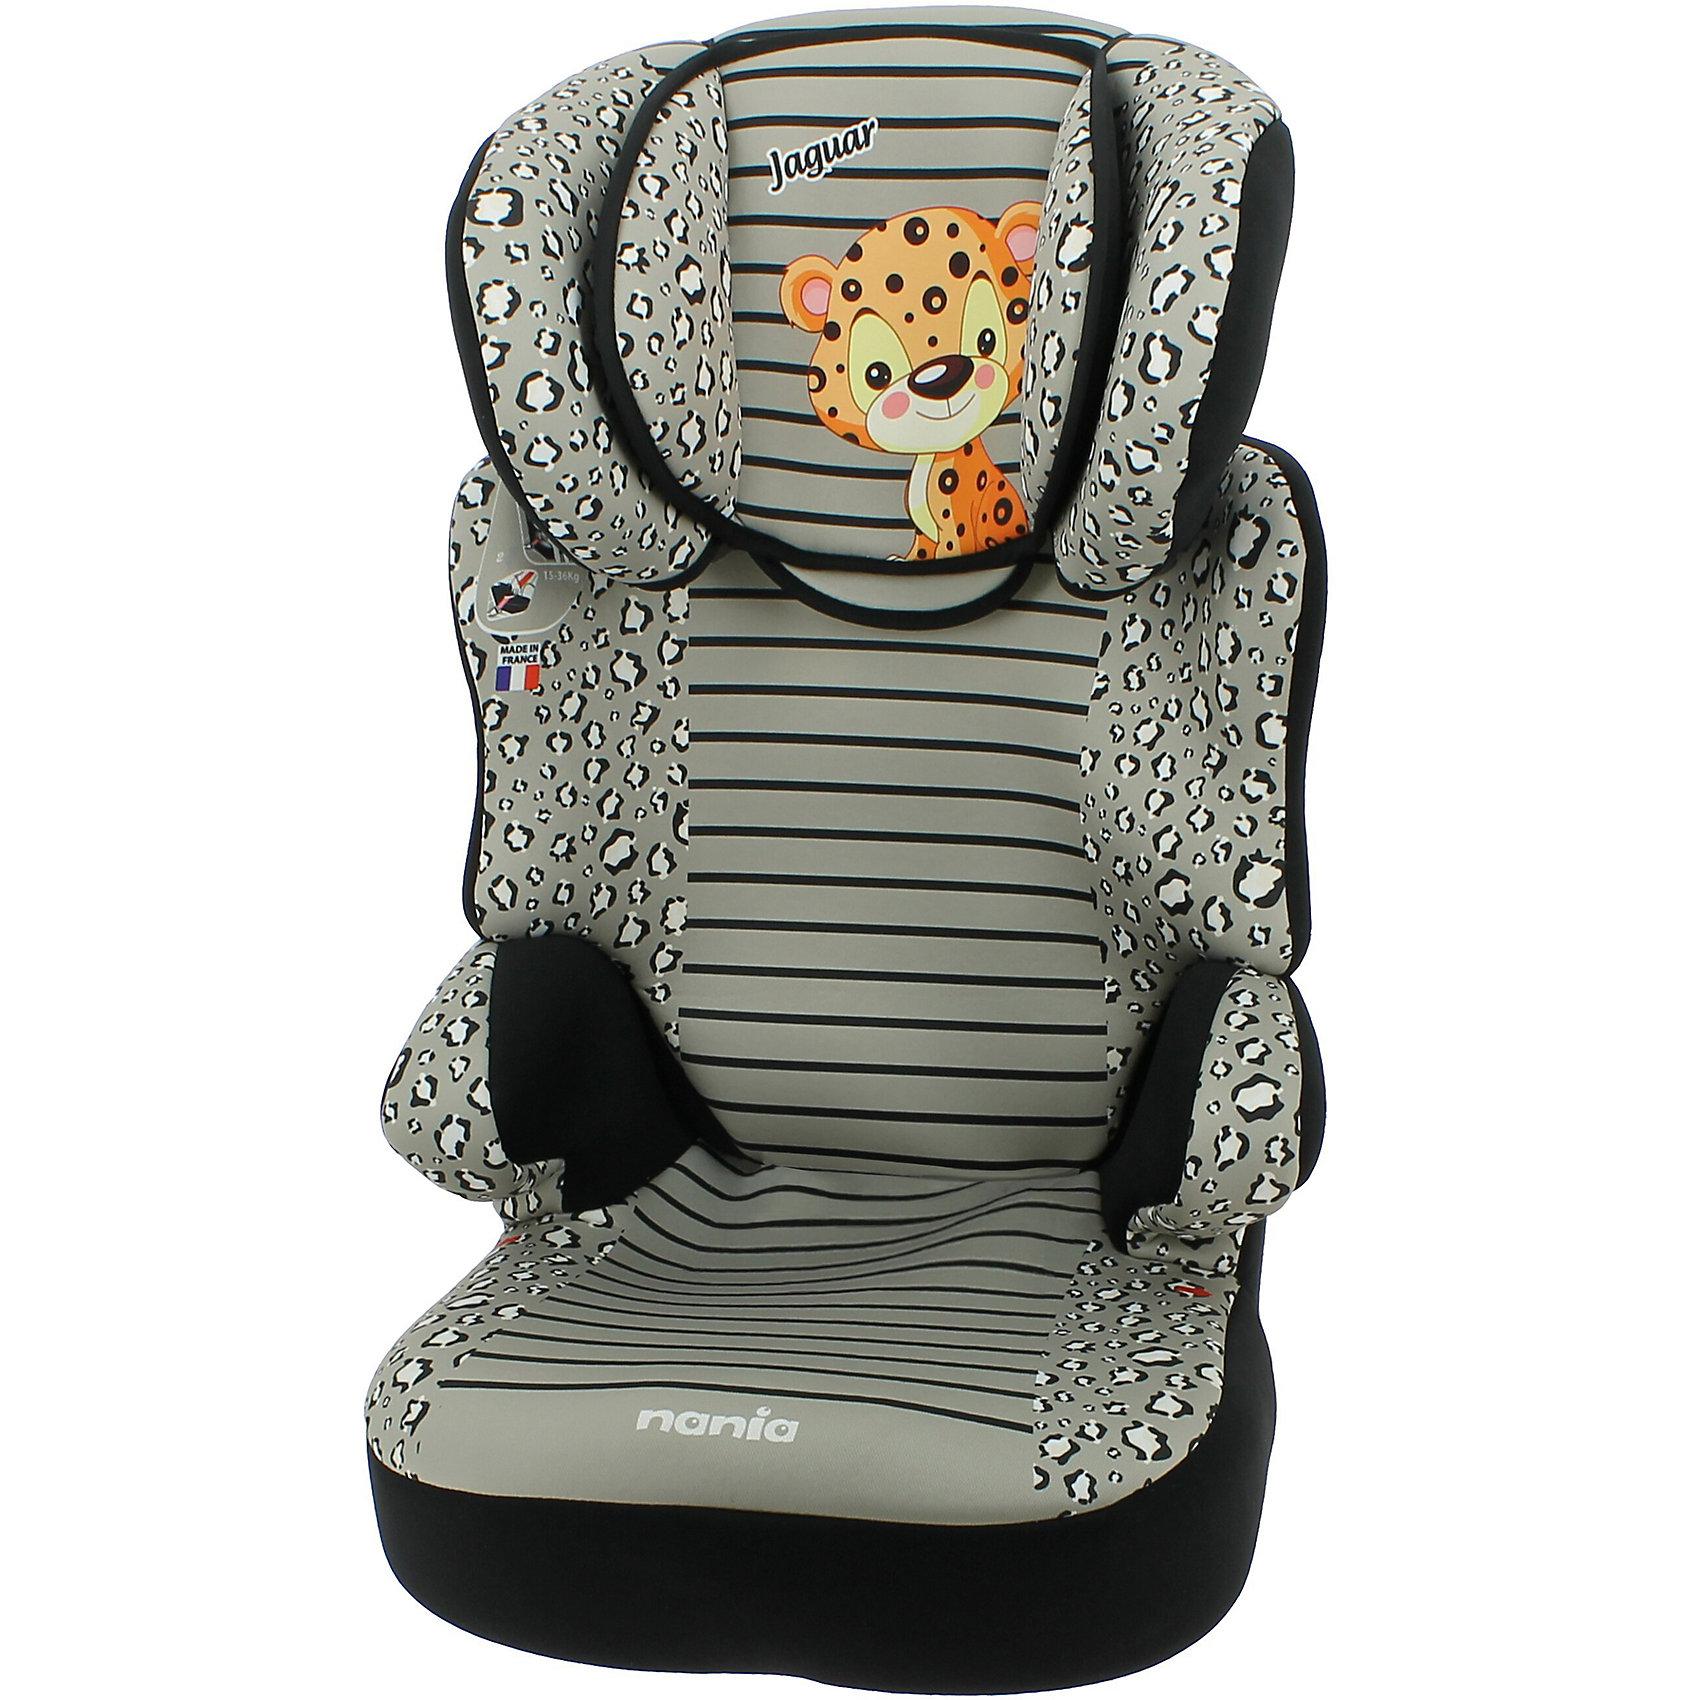 Автокресло Nania Befix SP, 15-36 кг, jaguarГруппа 2-3 (От 15 до 36 кг)<br>Характеристики автокресла Nania Befix SP:<br><br>• группа 2-3;<br>• вес ребенка: 15-36 кг;<br>• возраст ребенка: от 3 до 12 лет;<br>• способ установки: по ходу движения автомобиля;<br>• способ крепления: штатными ремнями безопасности автомобиля;<br>• регулируемая высота подголовника: 6 положений;<br>• дополнительная защита от боковых ударов, система SP – Side Protection;<br>• подлокотники, широкие боковинки, дополнительная подушечка;<br>• возможность использовать автокресло как бустер – спинка снимается;<br>• съемные чехлы, стирка при температуре 30 градусов;<br>• материал: пластик, полиэстер;<br>• стандарт безопасности: ECE R44/04.<br><br>Размер автокресла: 45х45х72/88 см<br>Размер сиденья: 34х30 см<br>Высота спинки: 64-75 см<br>Вес автокресла: 4,7 кг<br><br>Безопасно путешествовать с ребенком на автомобиле позволяет автокресло. Для детей от 3 до 12 лет используется автокресло Nania Befix SP. Брендовое оформление, соответствие стандартам качества, дополнительные элементы для комфортного пребывания ребенка в автокресле. <br><br>Автокресло Befix SP, 15-36 кг., Nania, jaguar можно купить в нашем интернет-магазине.<br><br>Ширина мм: 710<br>Глубина мм: 450<br>Высота мм: 500<br>Вес г: 8780<br>Возраст от месяцев: 36<br>Возраст до месяцев: 144<br>Пол: Унисекс<br>Возраст: Детский<br>SKU: 4618059